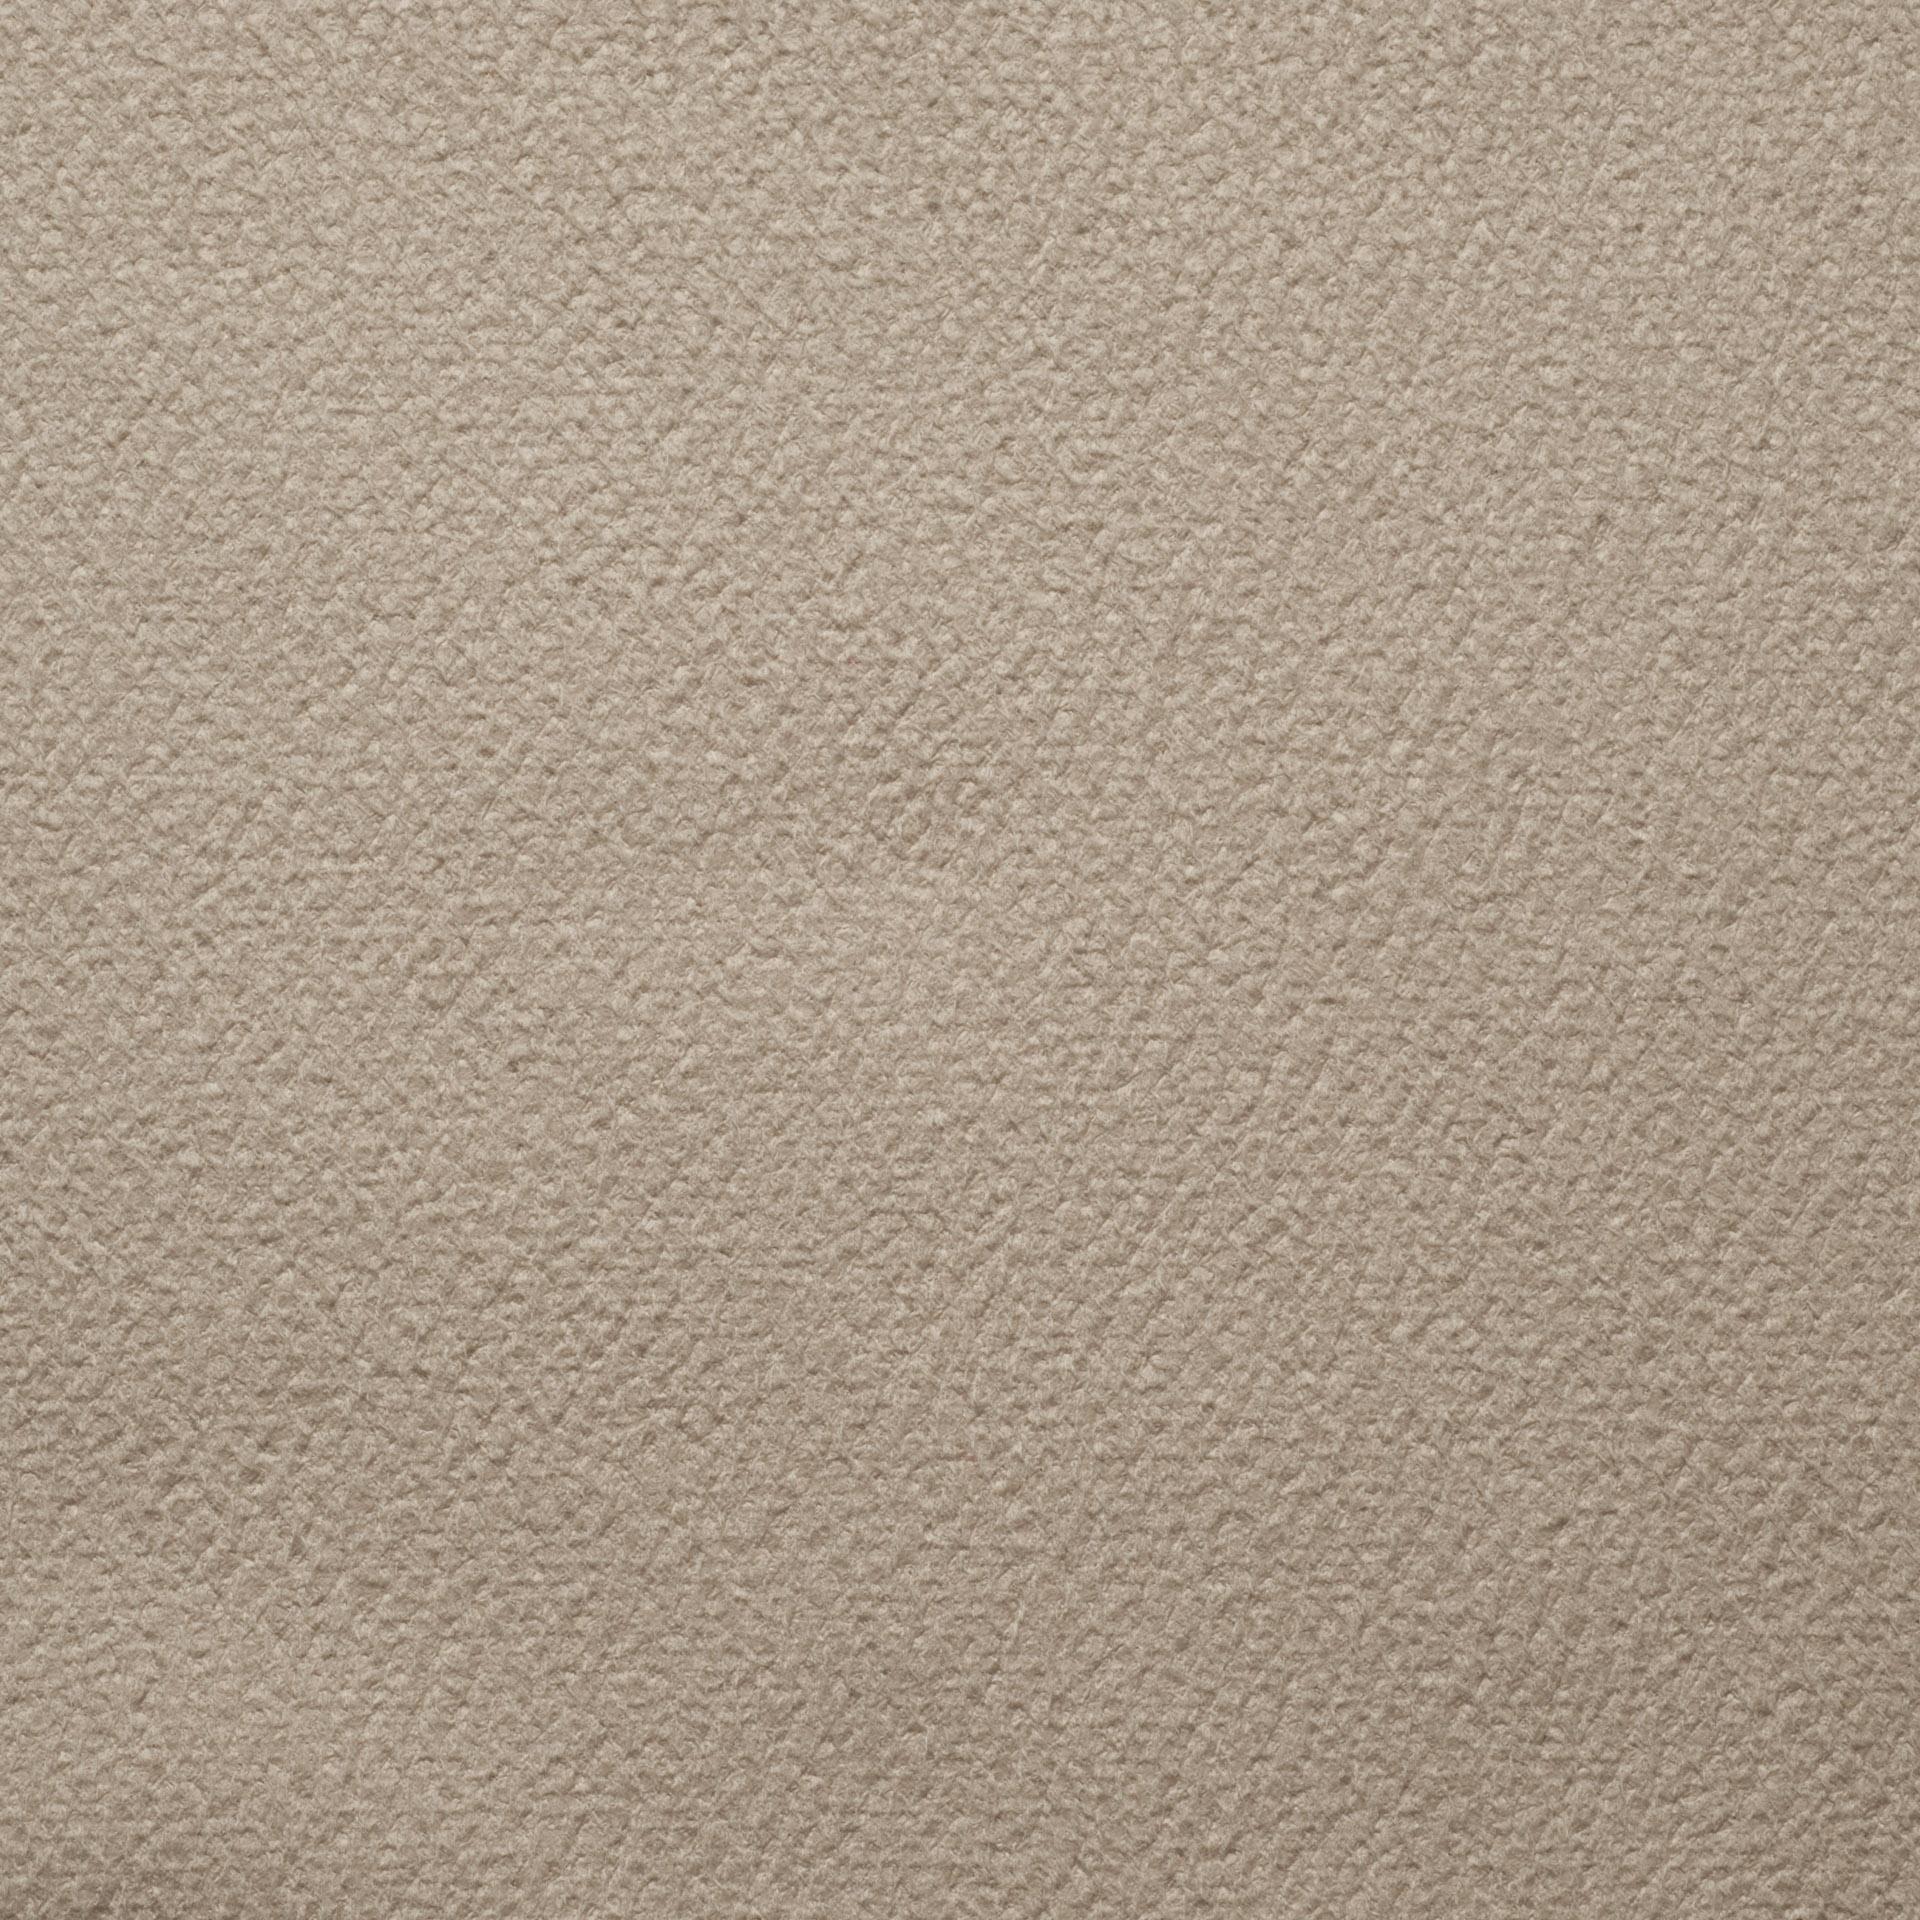 Коллекция ткани Мустанг IVORY,  купить ткань Велюр для мебели Украина